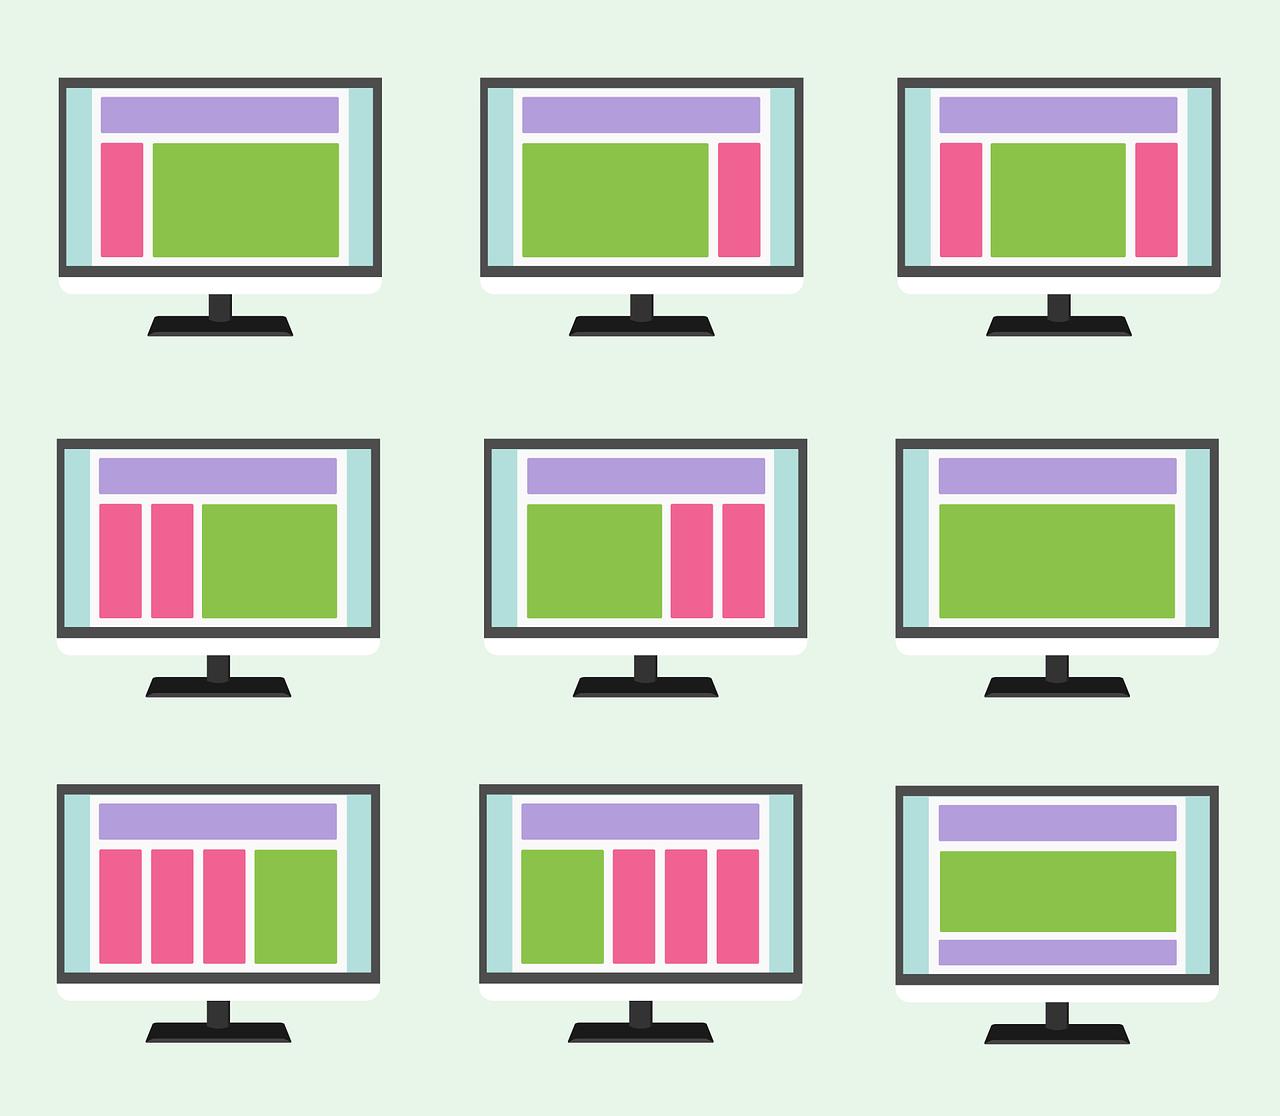 Prawidłowo wykonana strona www – projektowanie stron internetowych Rzeszów. Sklepy responsywne internetowe, pozycjonowanie stron